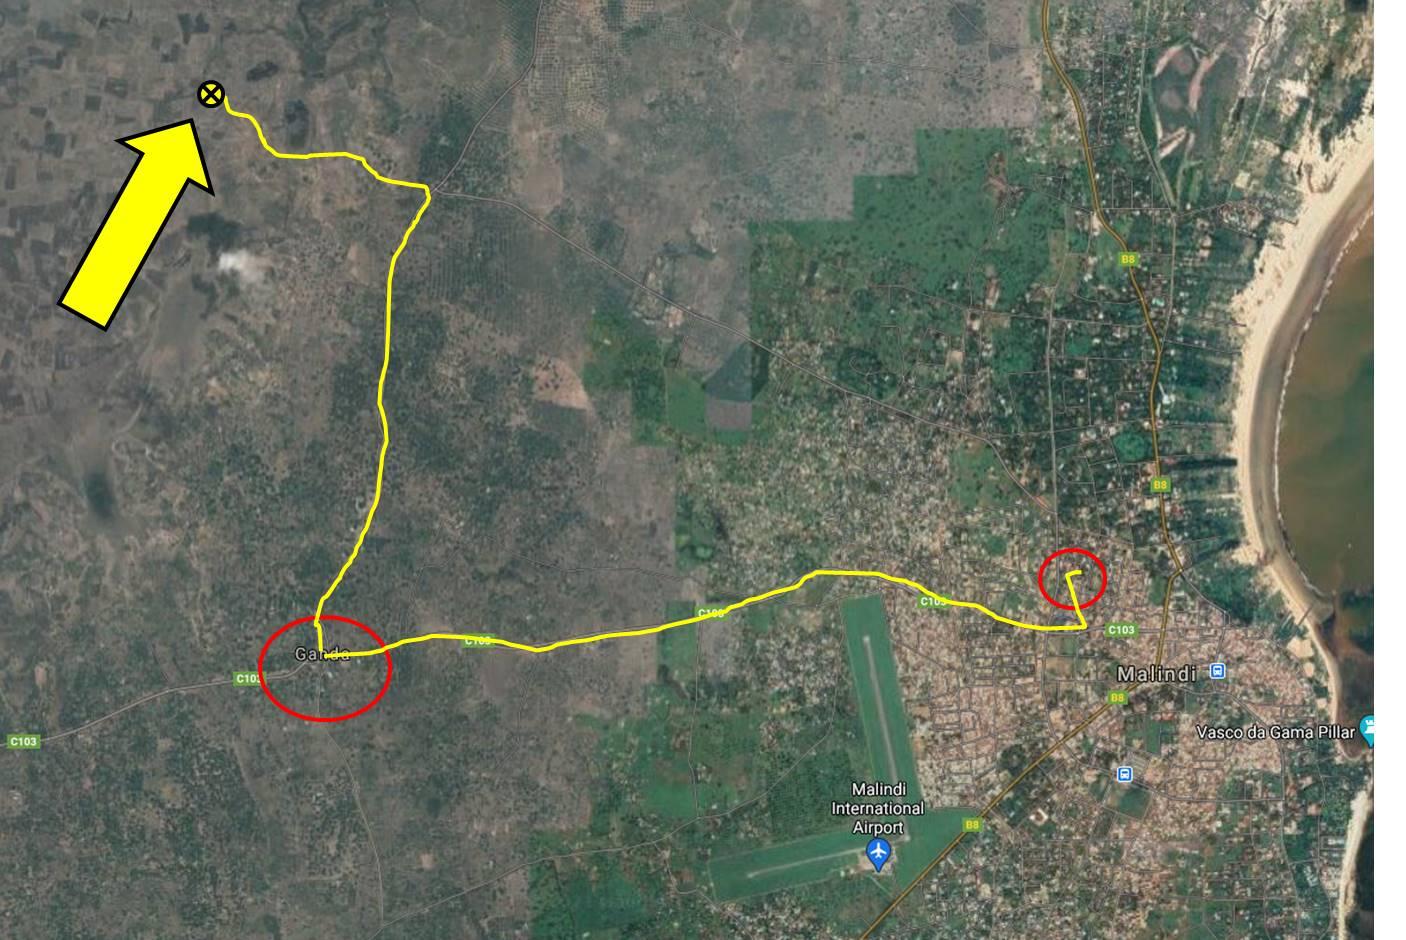 10 Kilometer ausserhalb von Malindi - fern von befestigten Strassen